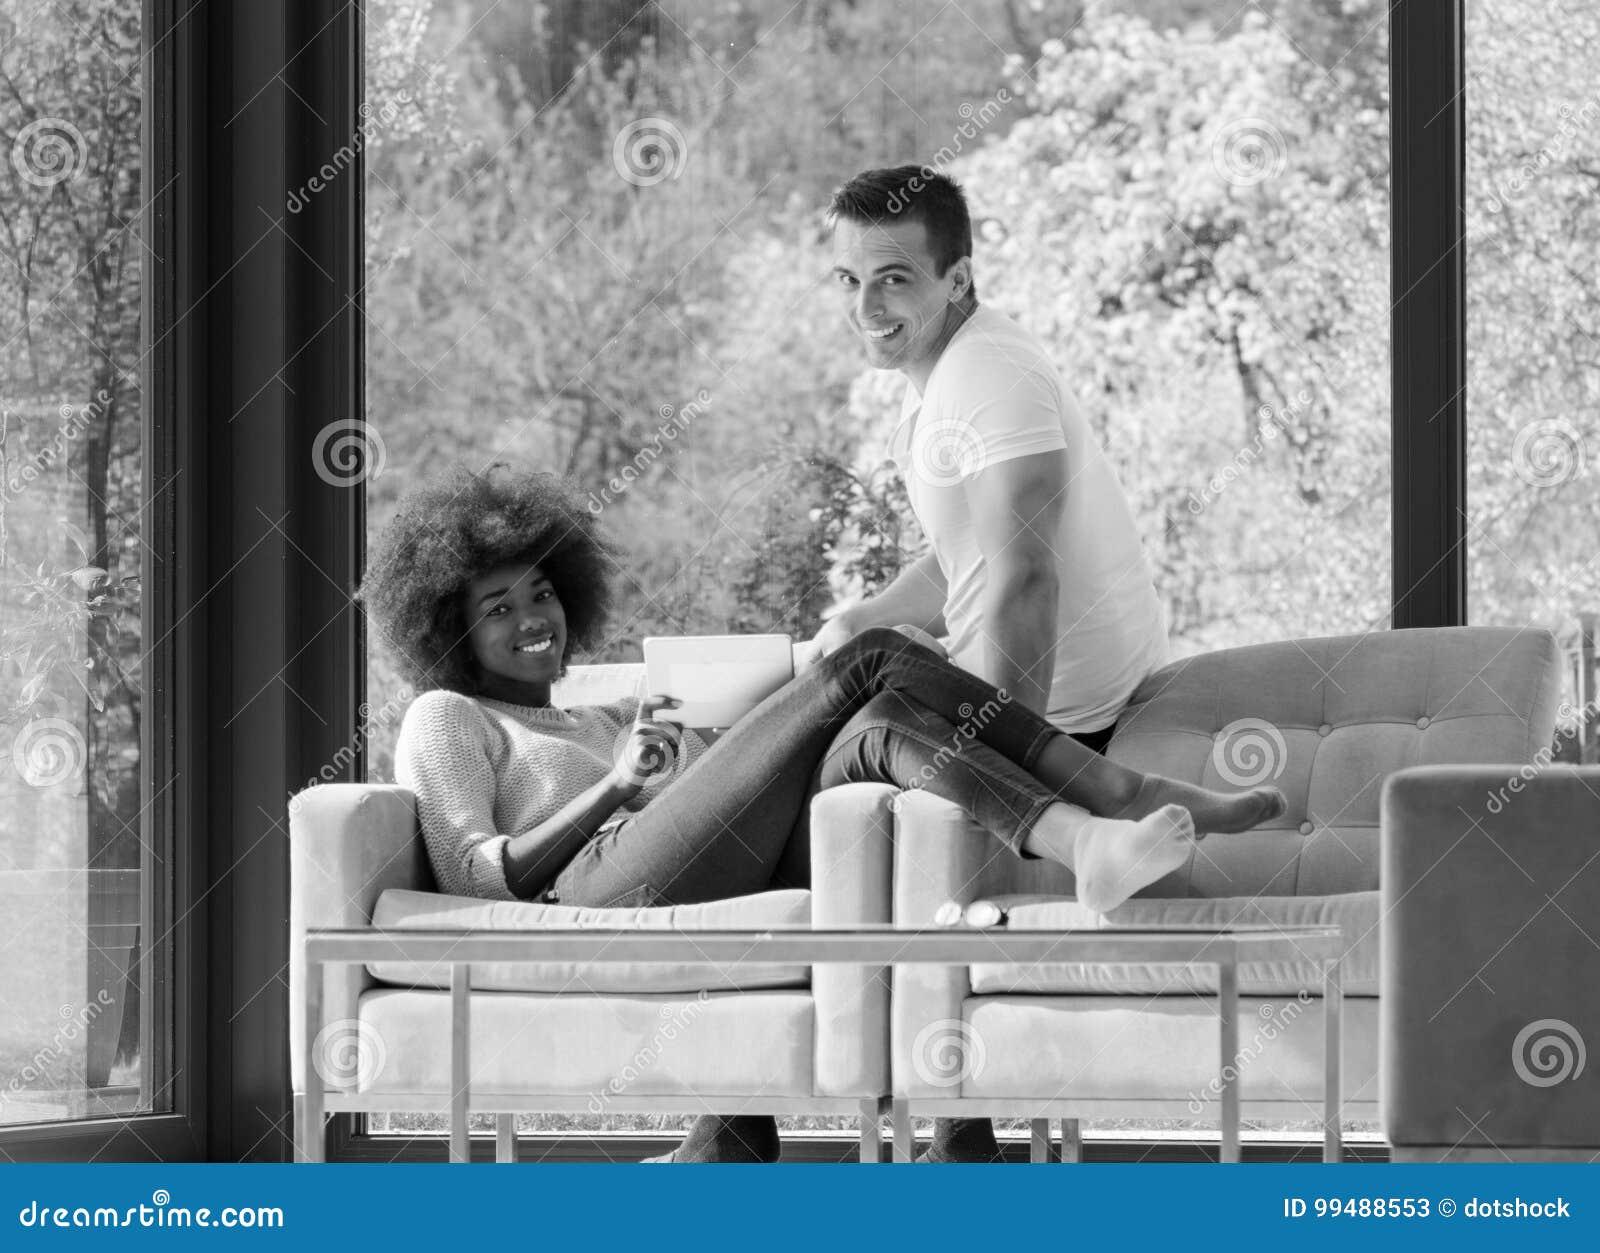 добрый красивый секс на кресле красивая девушка